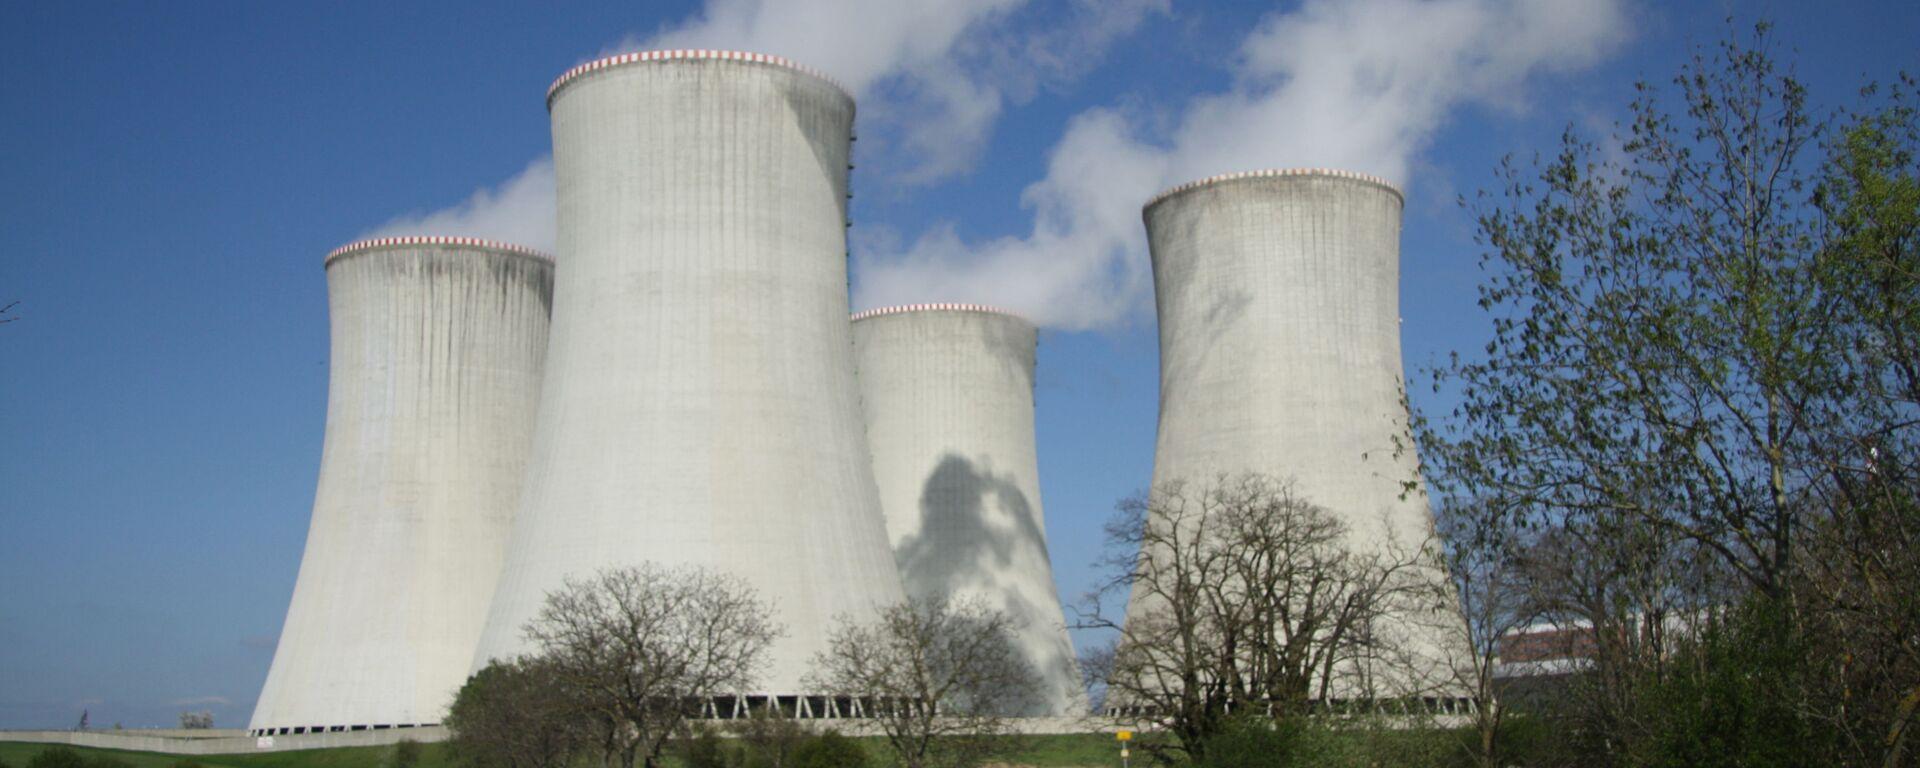 АЭС «Дукованы» на юго-востоке от Тршебича - Sputnik Узбекистан, 1920, 16.09.2021